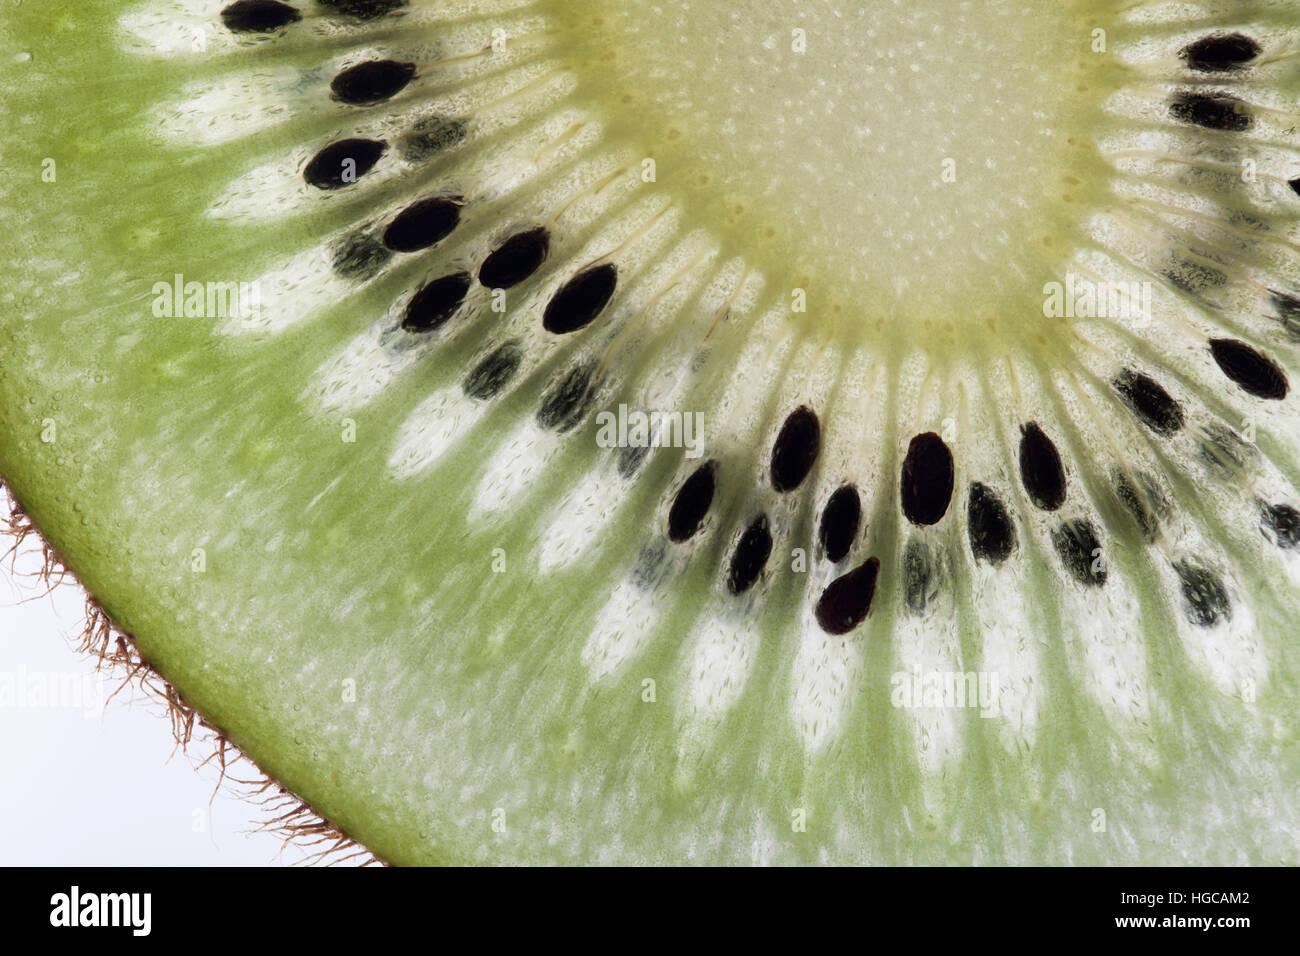 Kiwi - Stock Image